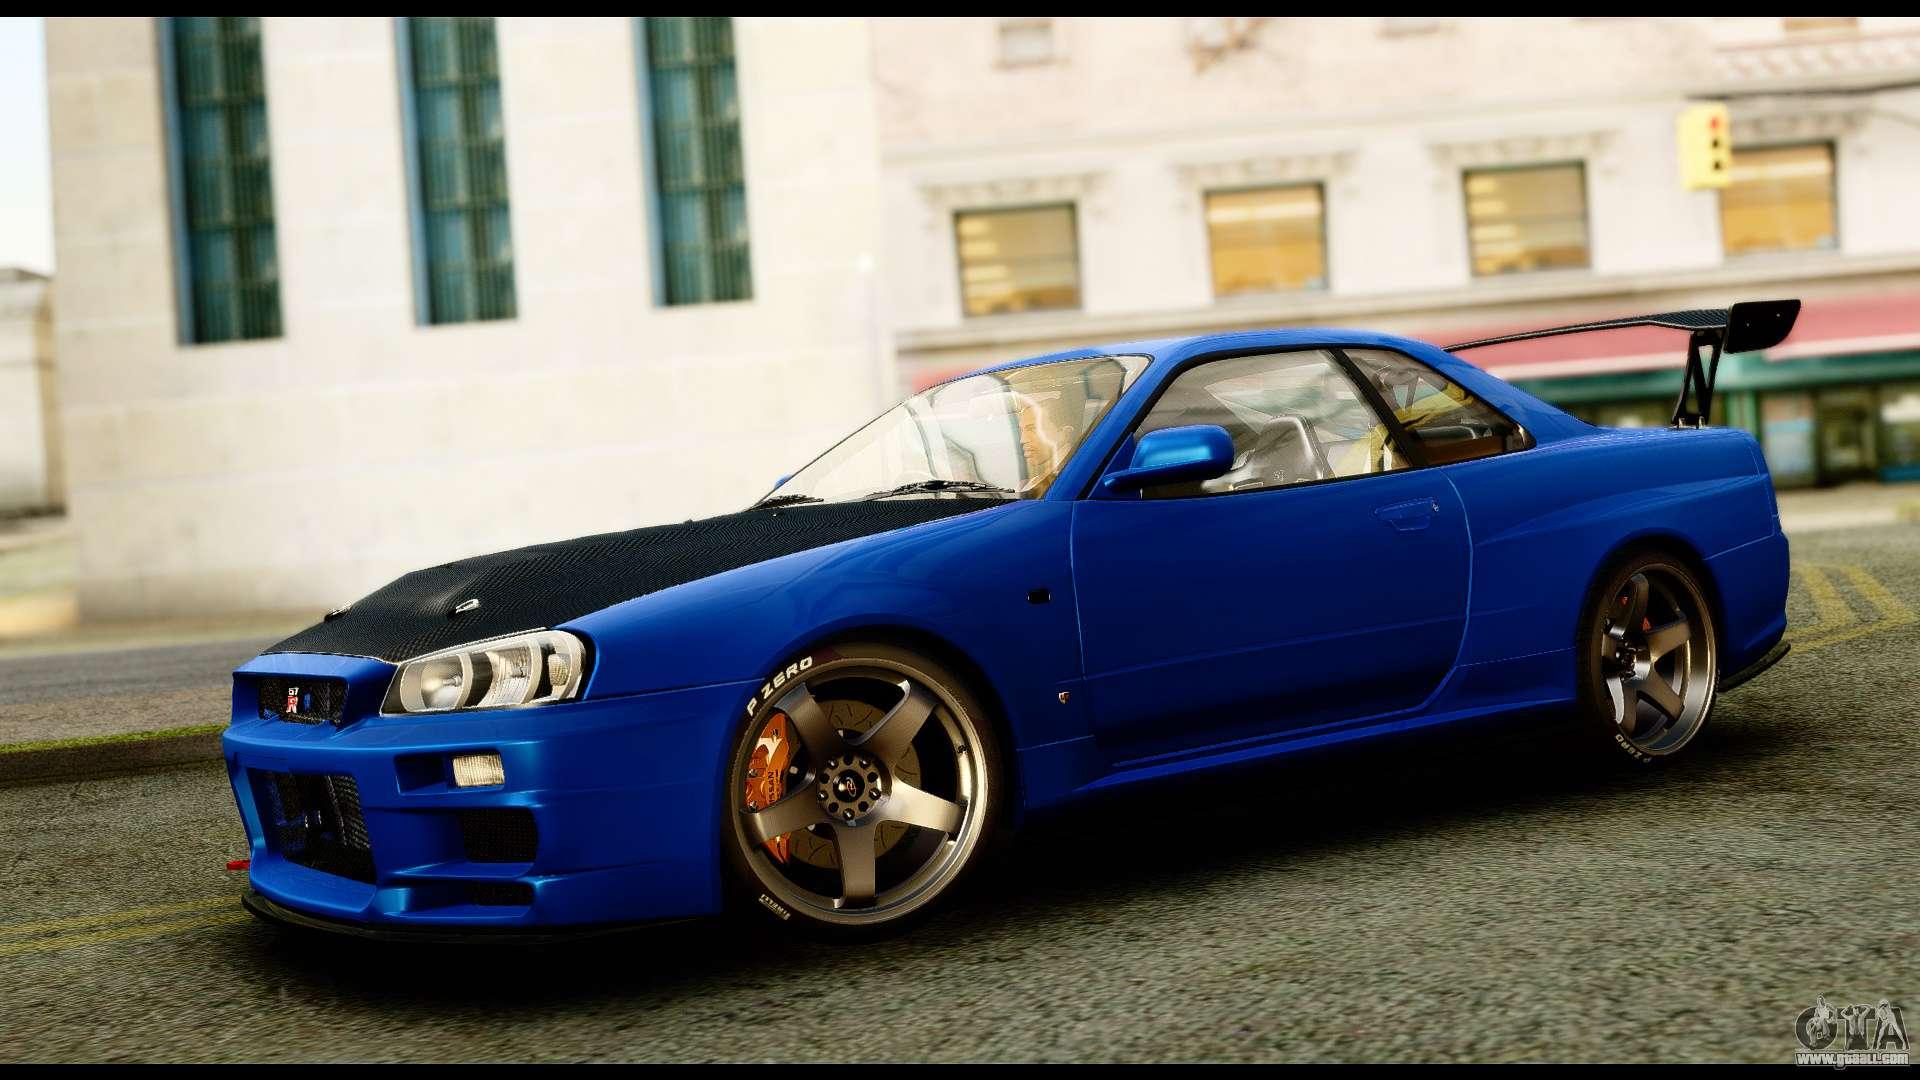 Kumpulan Koleksi Mod Mobil Nissan Skyline Gta San Andreas HD Terbaru